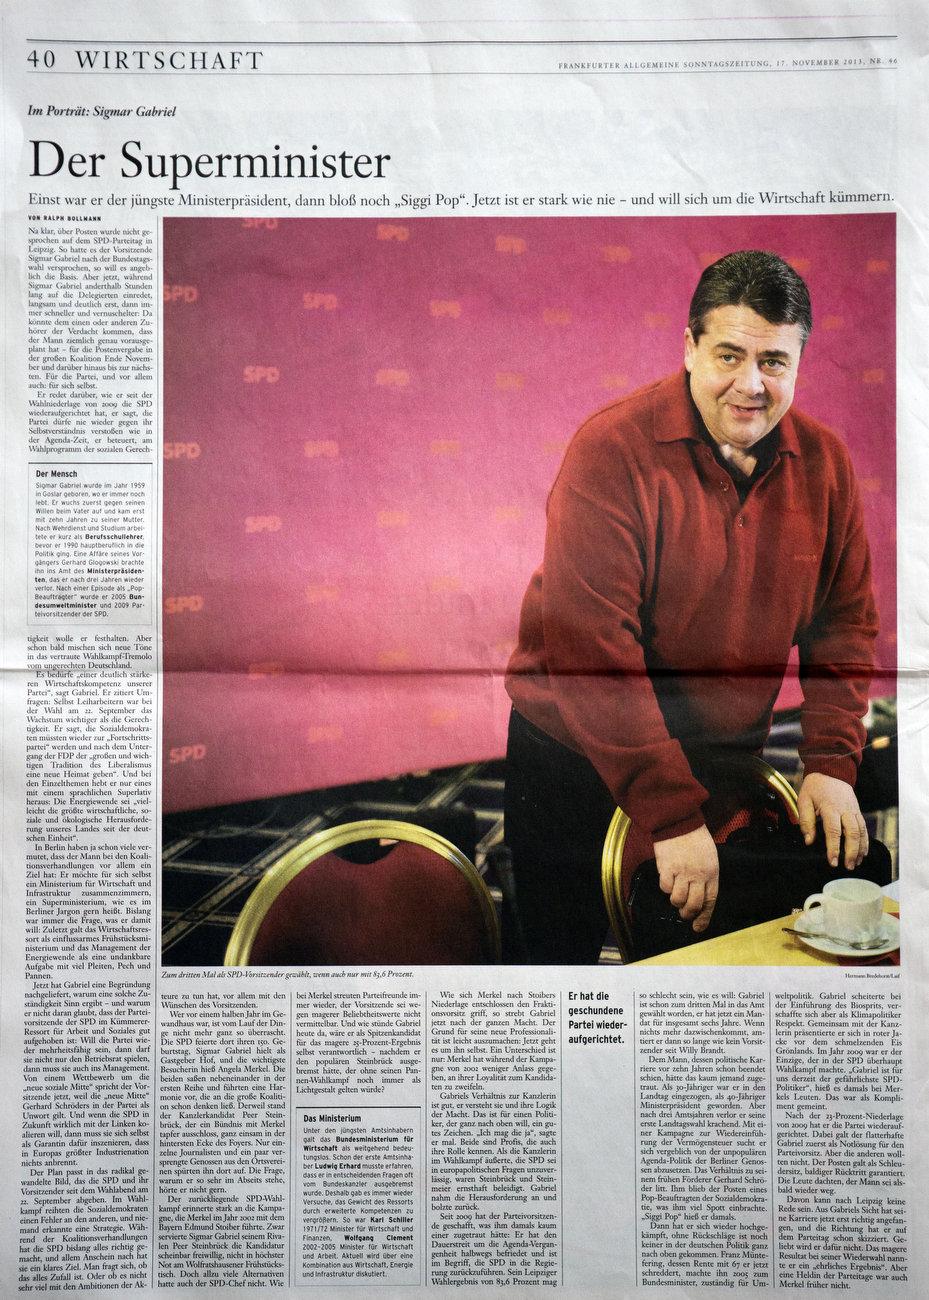 FAS (Frankfurter Allgemeine Sonntagszeitung), Germany, 17.11.2013, Sigmar Gabriel